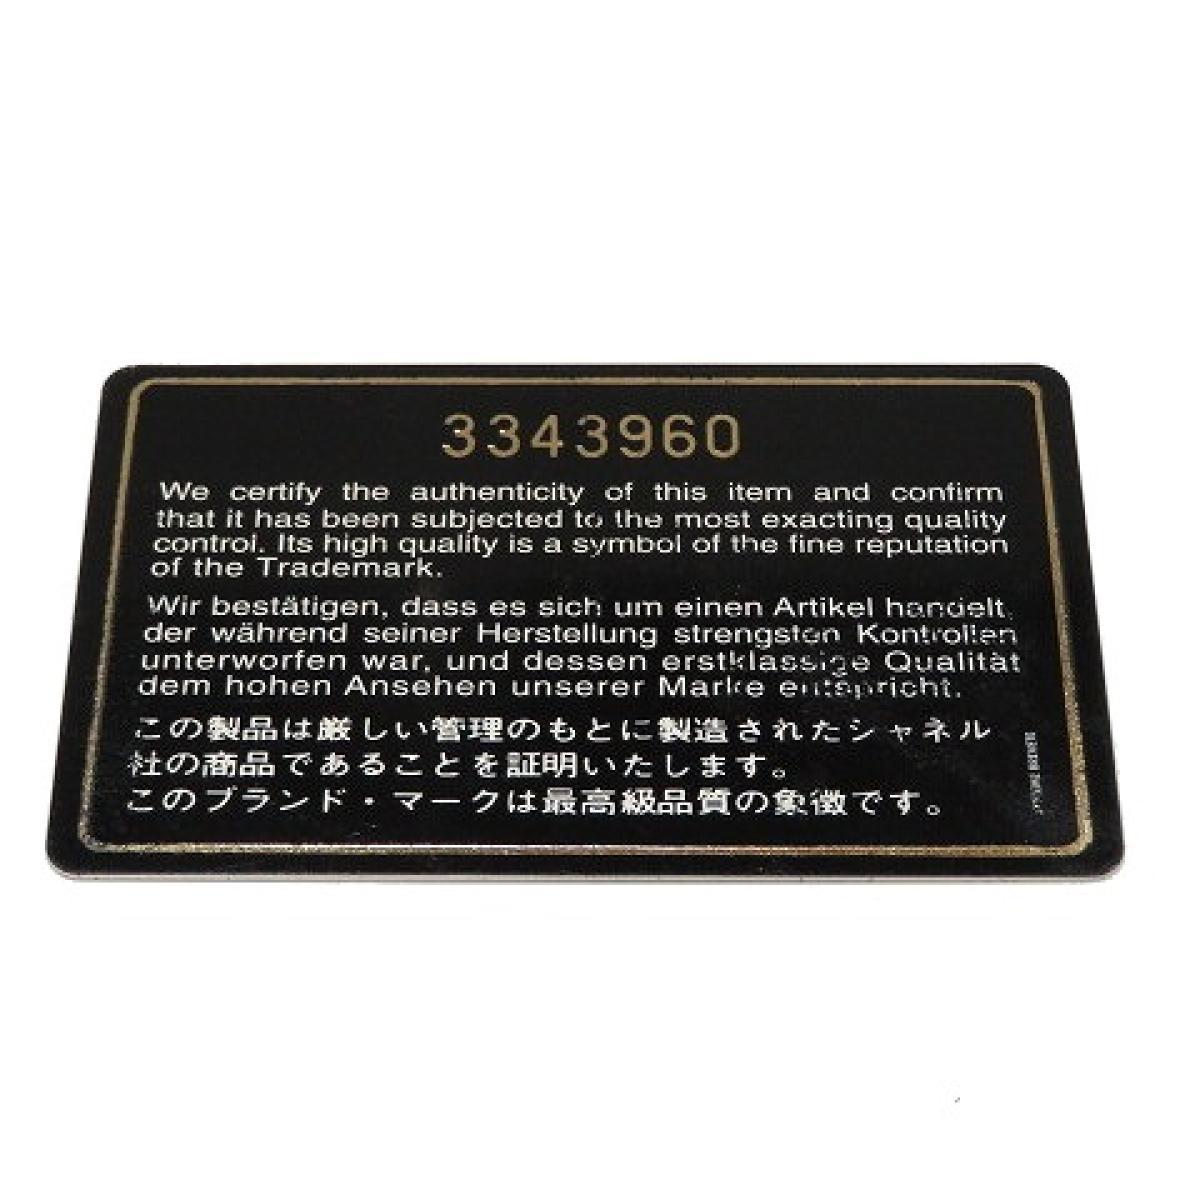 【中古】シャネルビコローレスーパーモデルチェーンショルダーバッグレディースレザーブラック